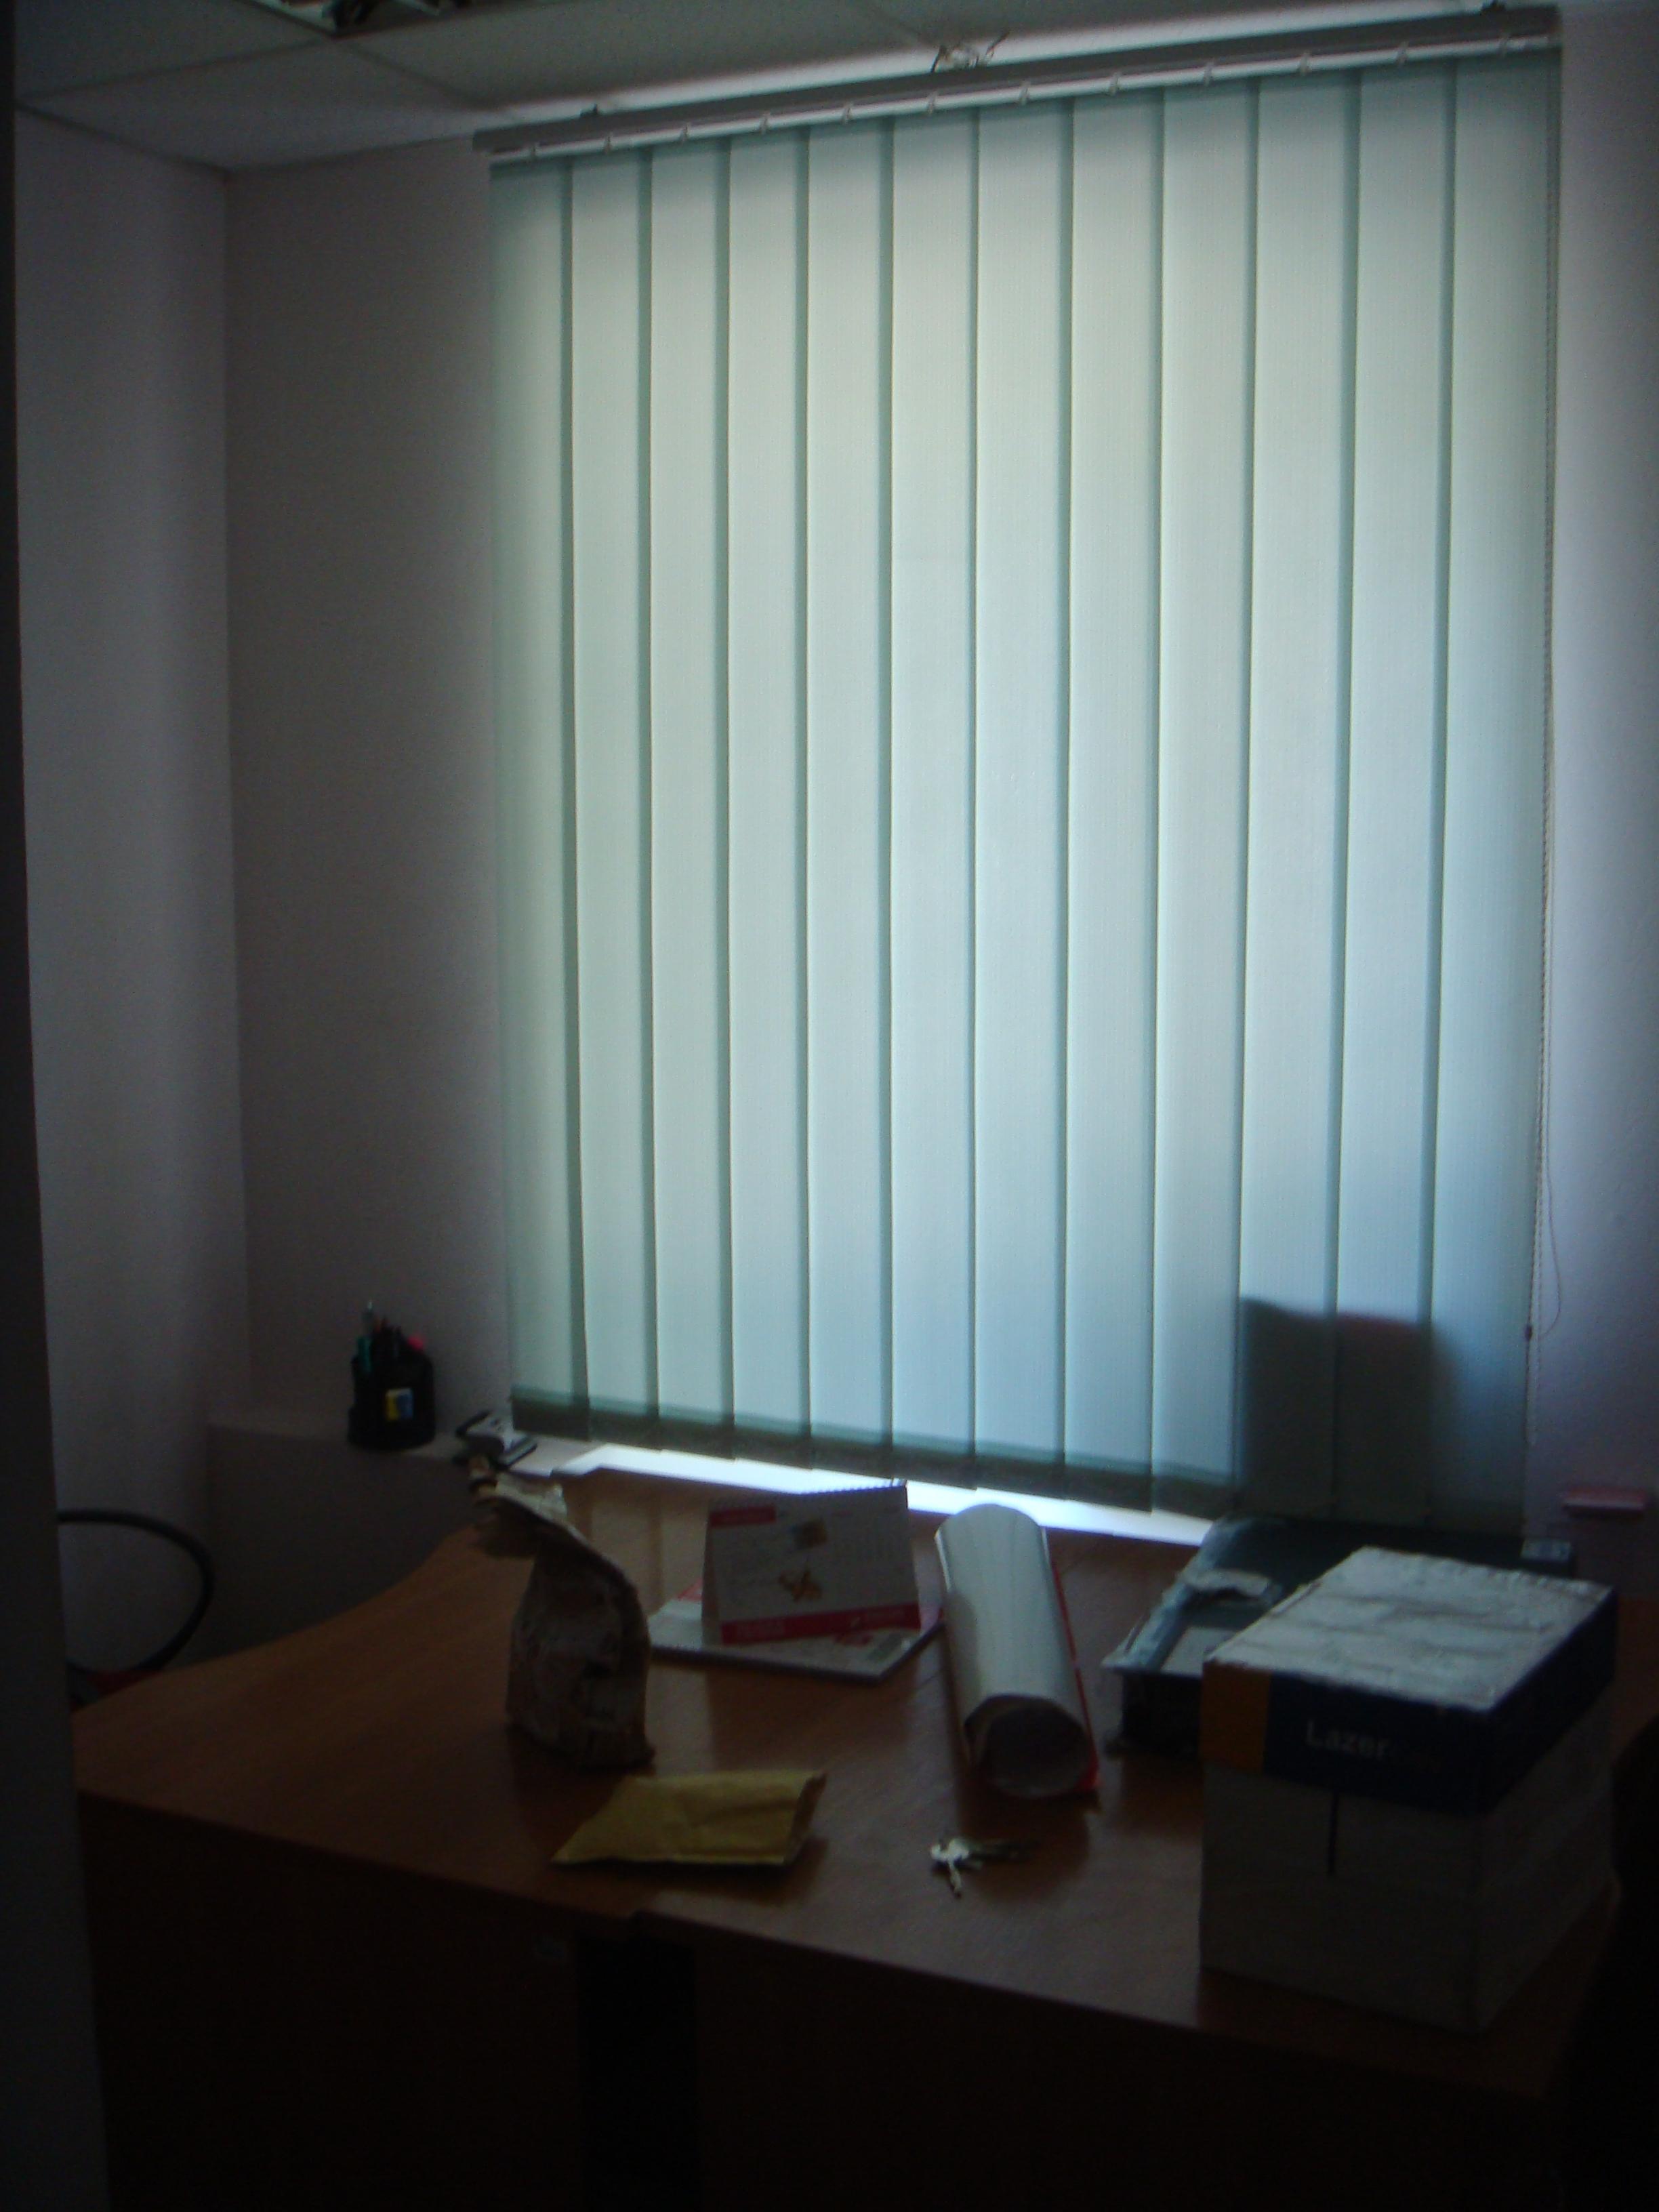 Нежитлове приміщення офісу на 1-му поверсі житлового будинку заг.пл. 41,2 кв.м за адресою: м. Миколаїв, пр-т Миру, б.9,  інв. № 401006, разом з ТМЦ (у кількості 32 одиниці), що розташовані в нежитловому приміщенні, літ А-3